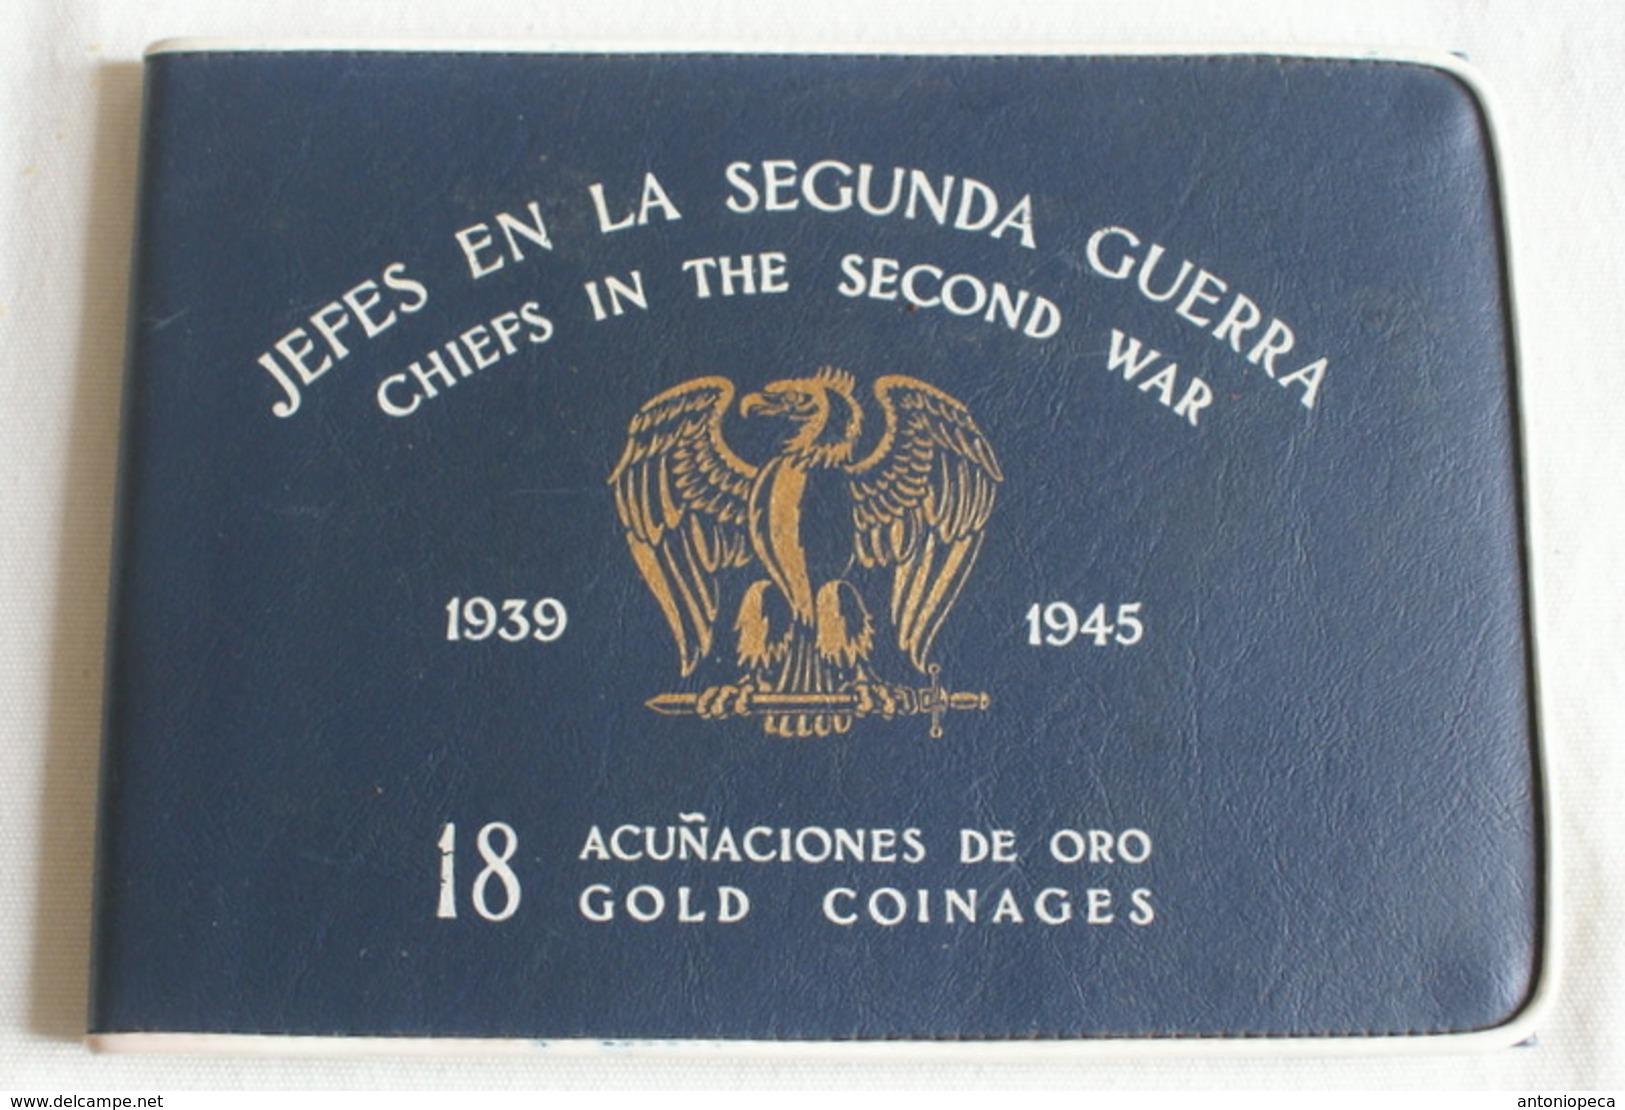 """COLLEZIONE MONETE D'ORO """" JEFES EN LA SEGUNDA GUERRA 1939-1945"""" - Medaglie"""